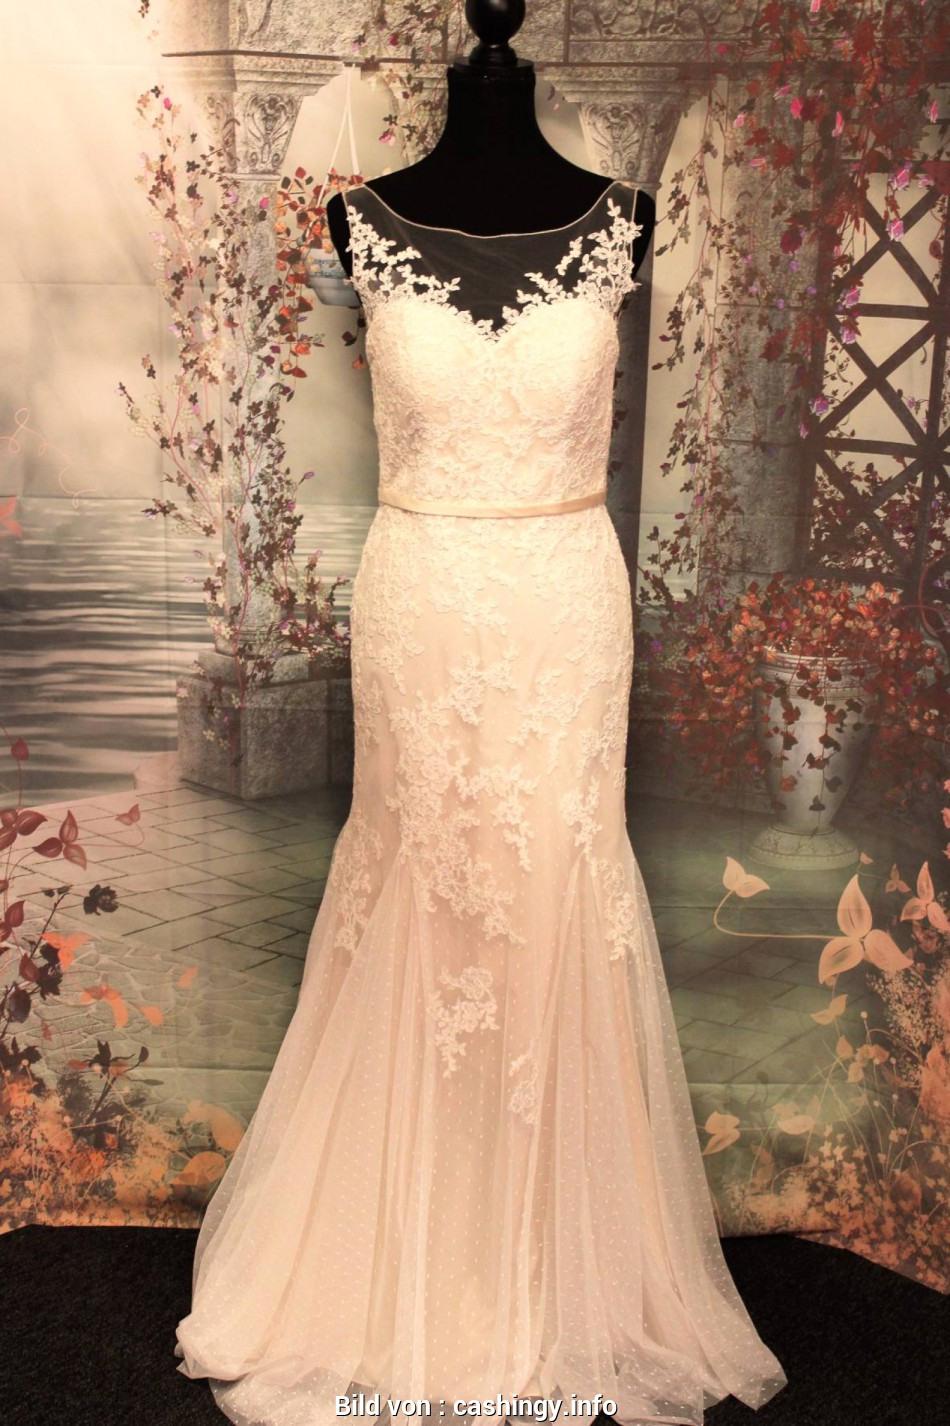 20 Perfekt Gebrauchte Abendkleider BoutiqueFormal Fantastisch Gebrauchte Abendkleider Design